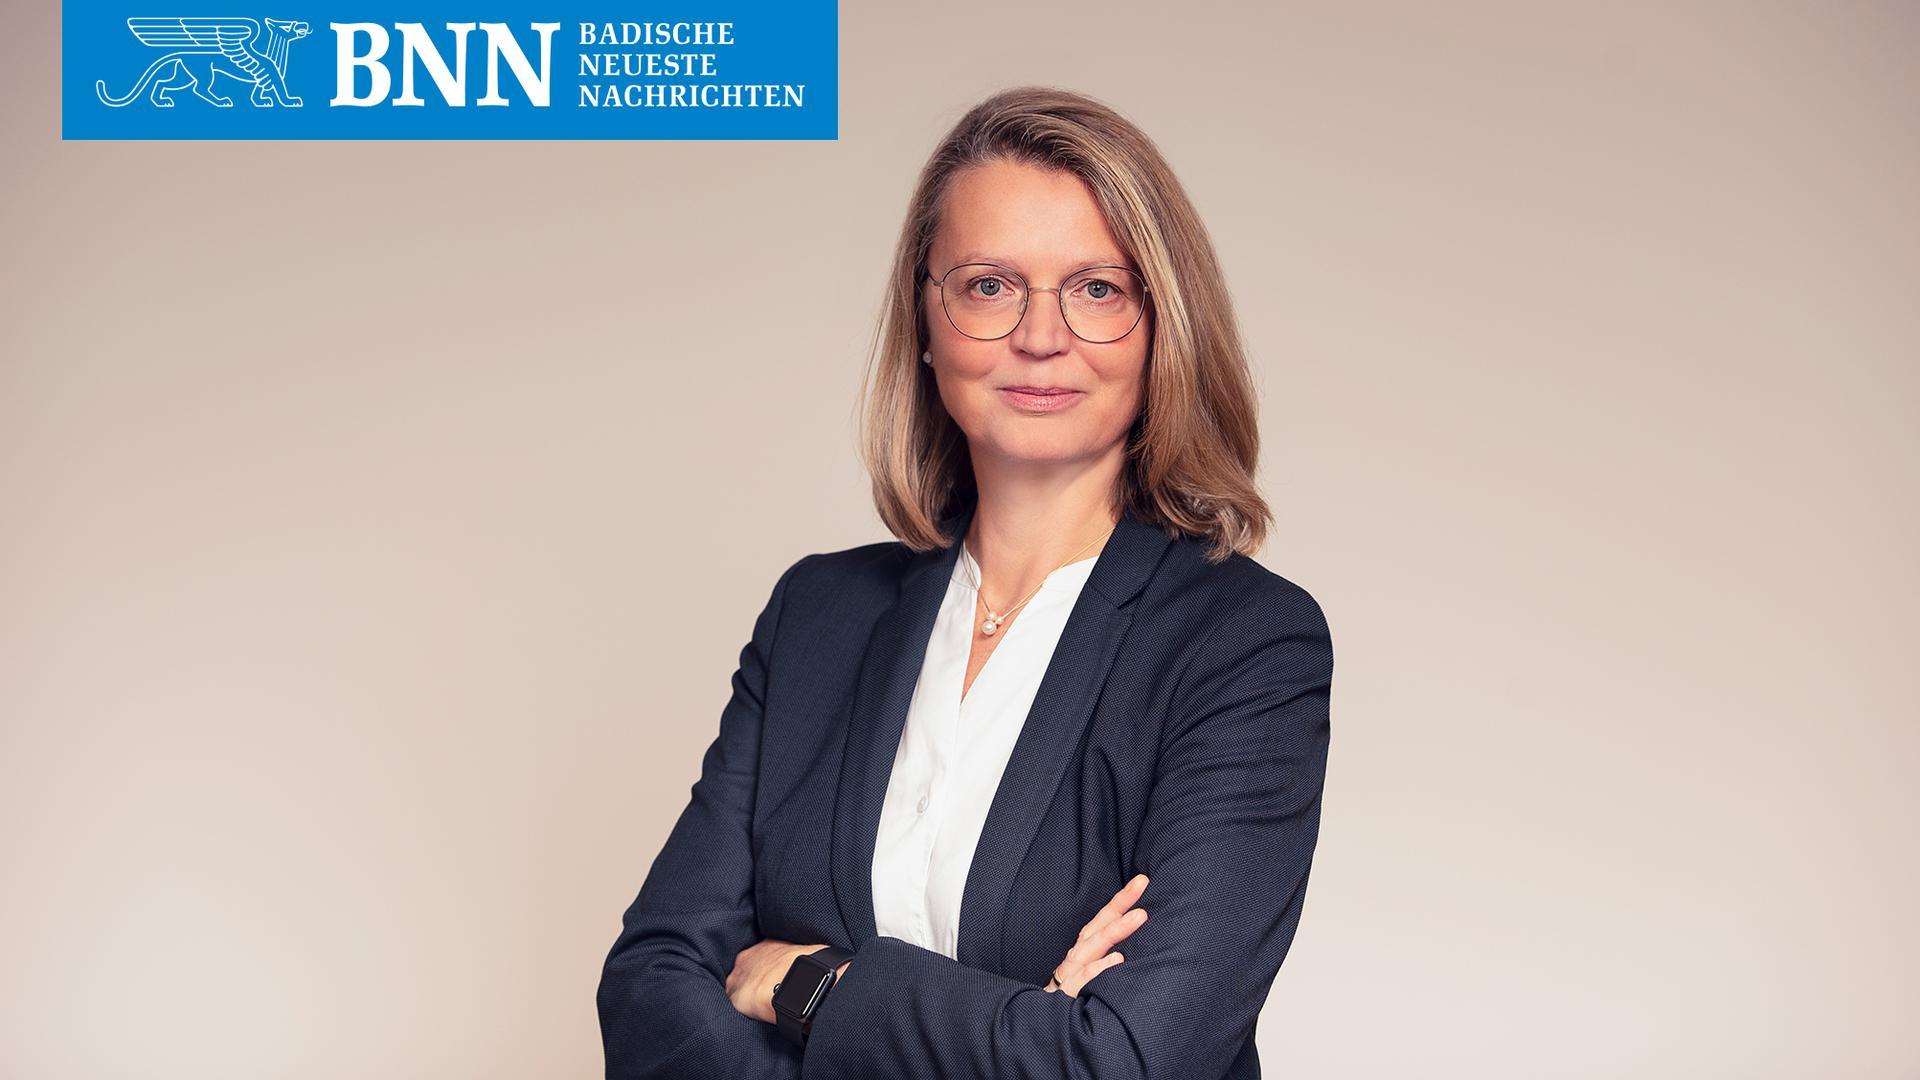 Verstärkung für die BNN-Redaktion: Claudia Bockholt aus Regensburg.